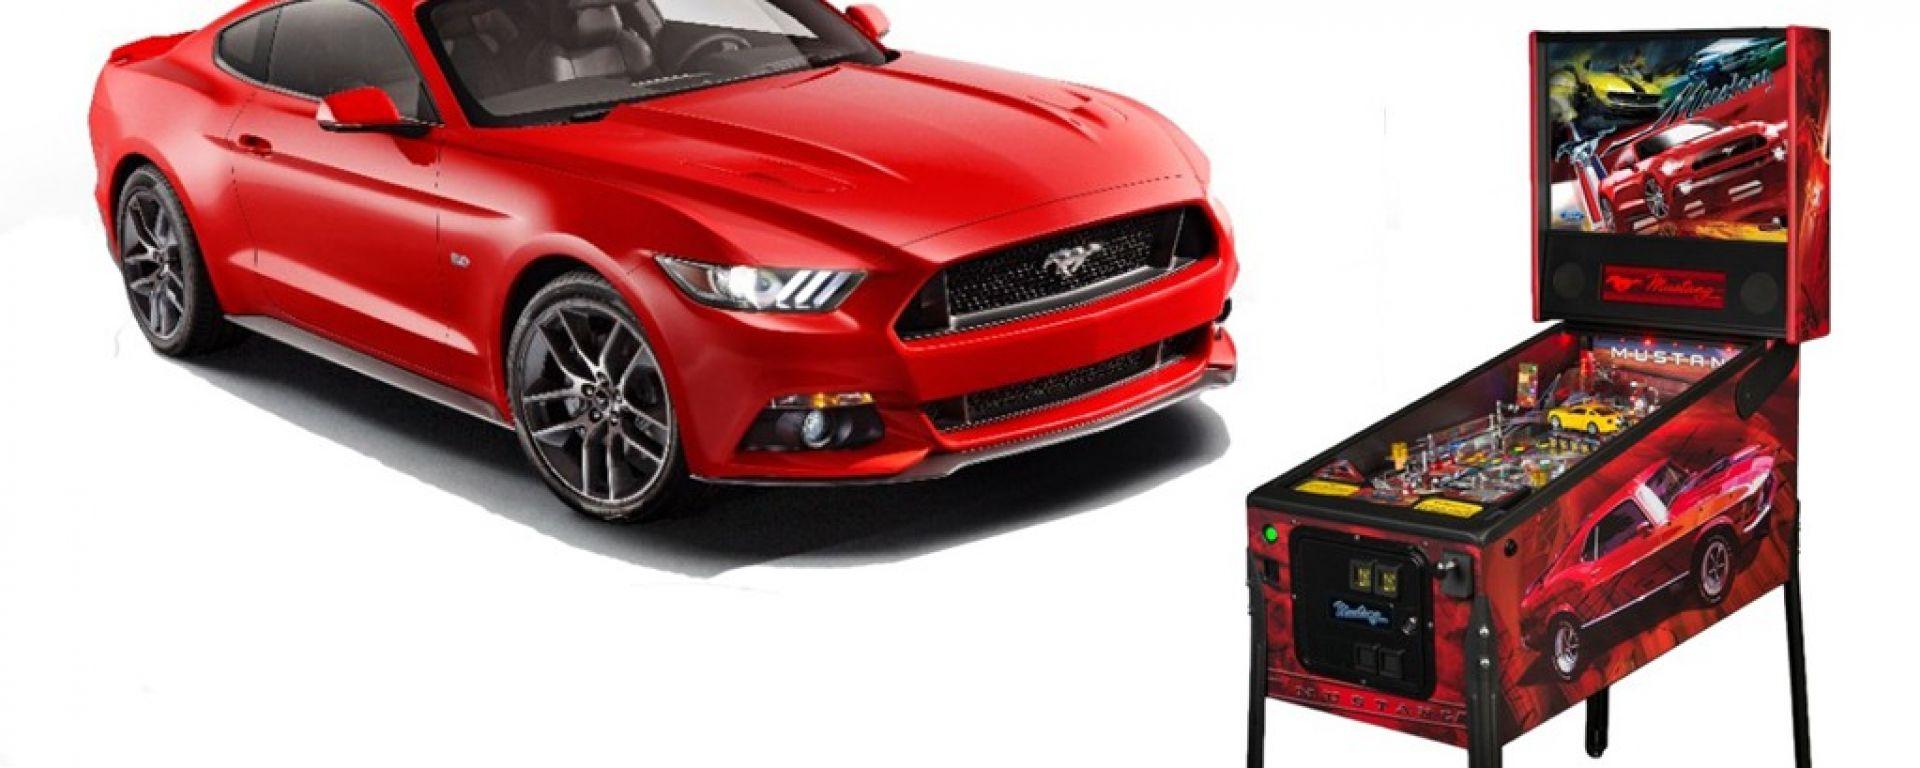 Stern Pinball: un flipper per la Mustang